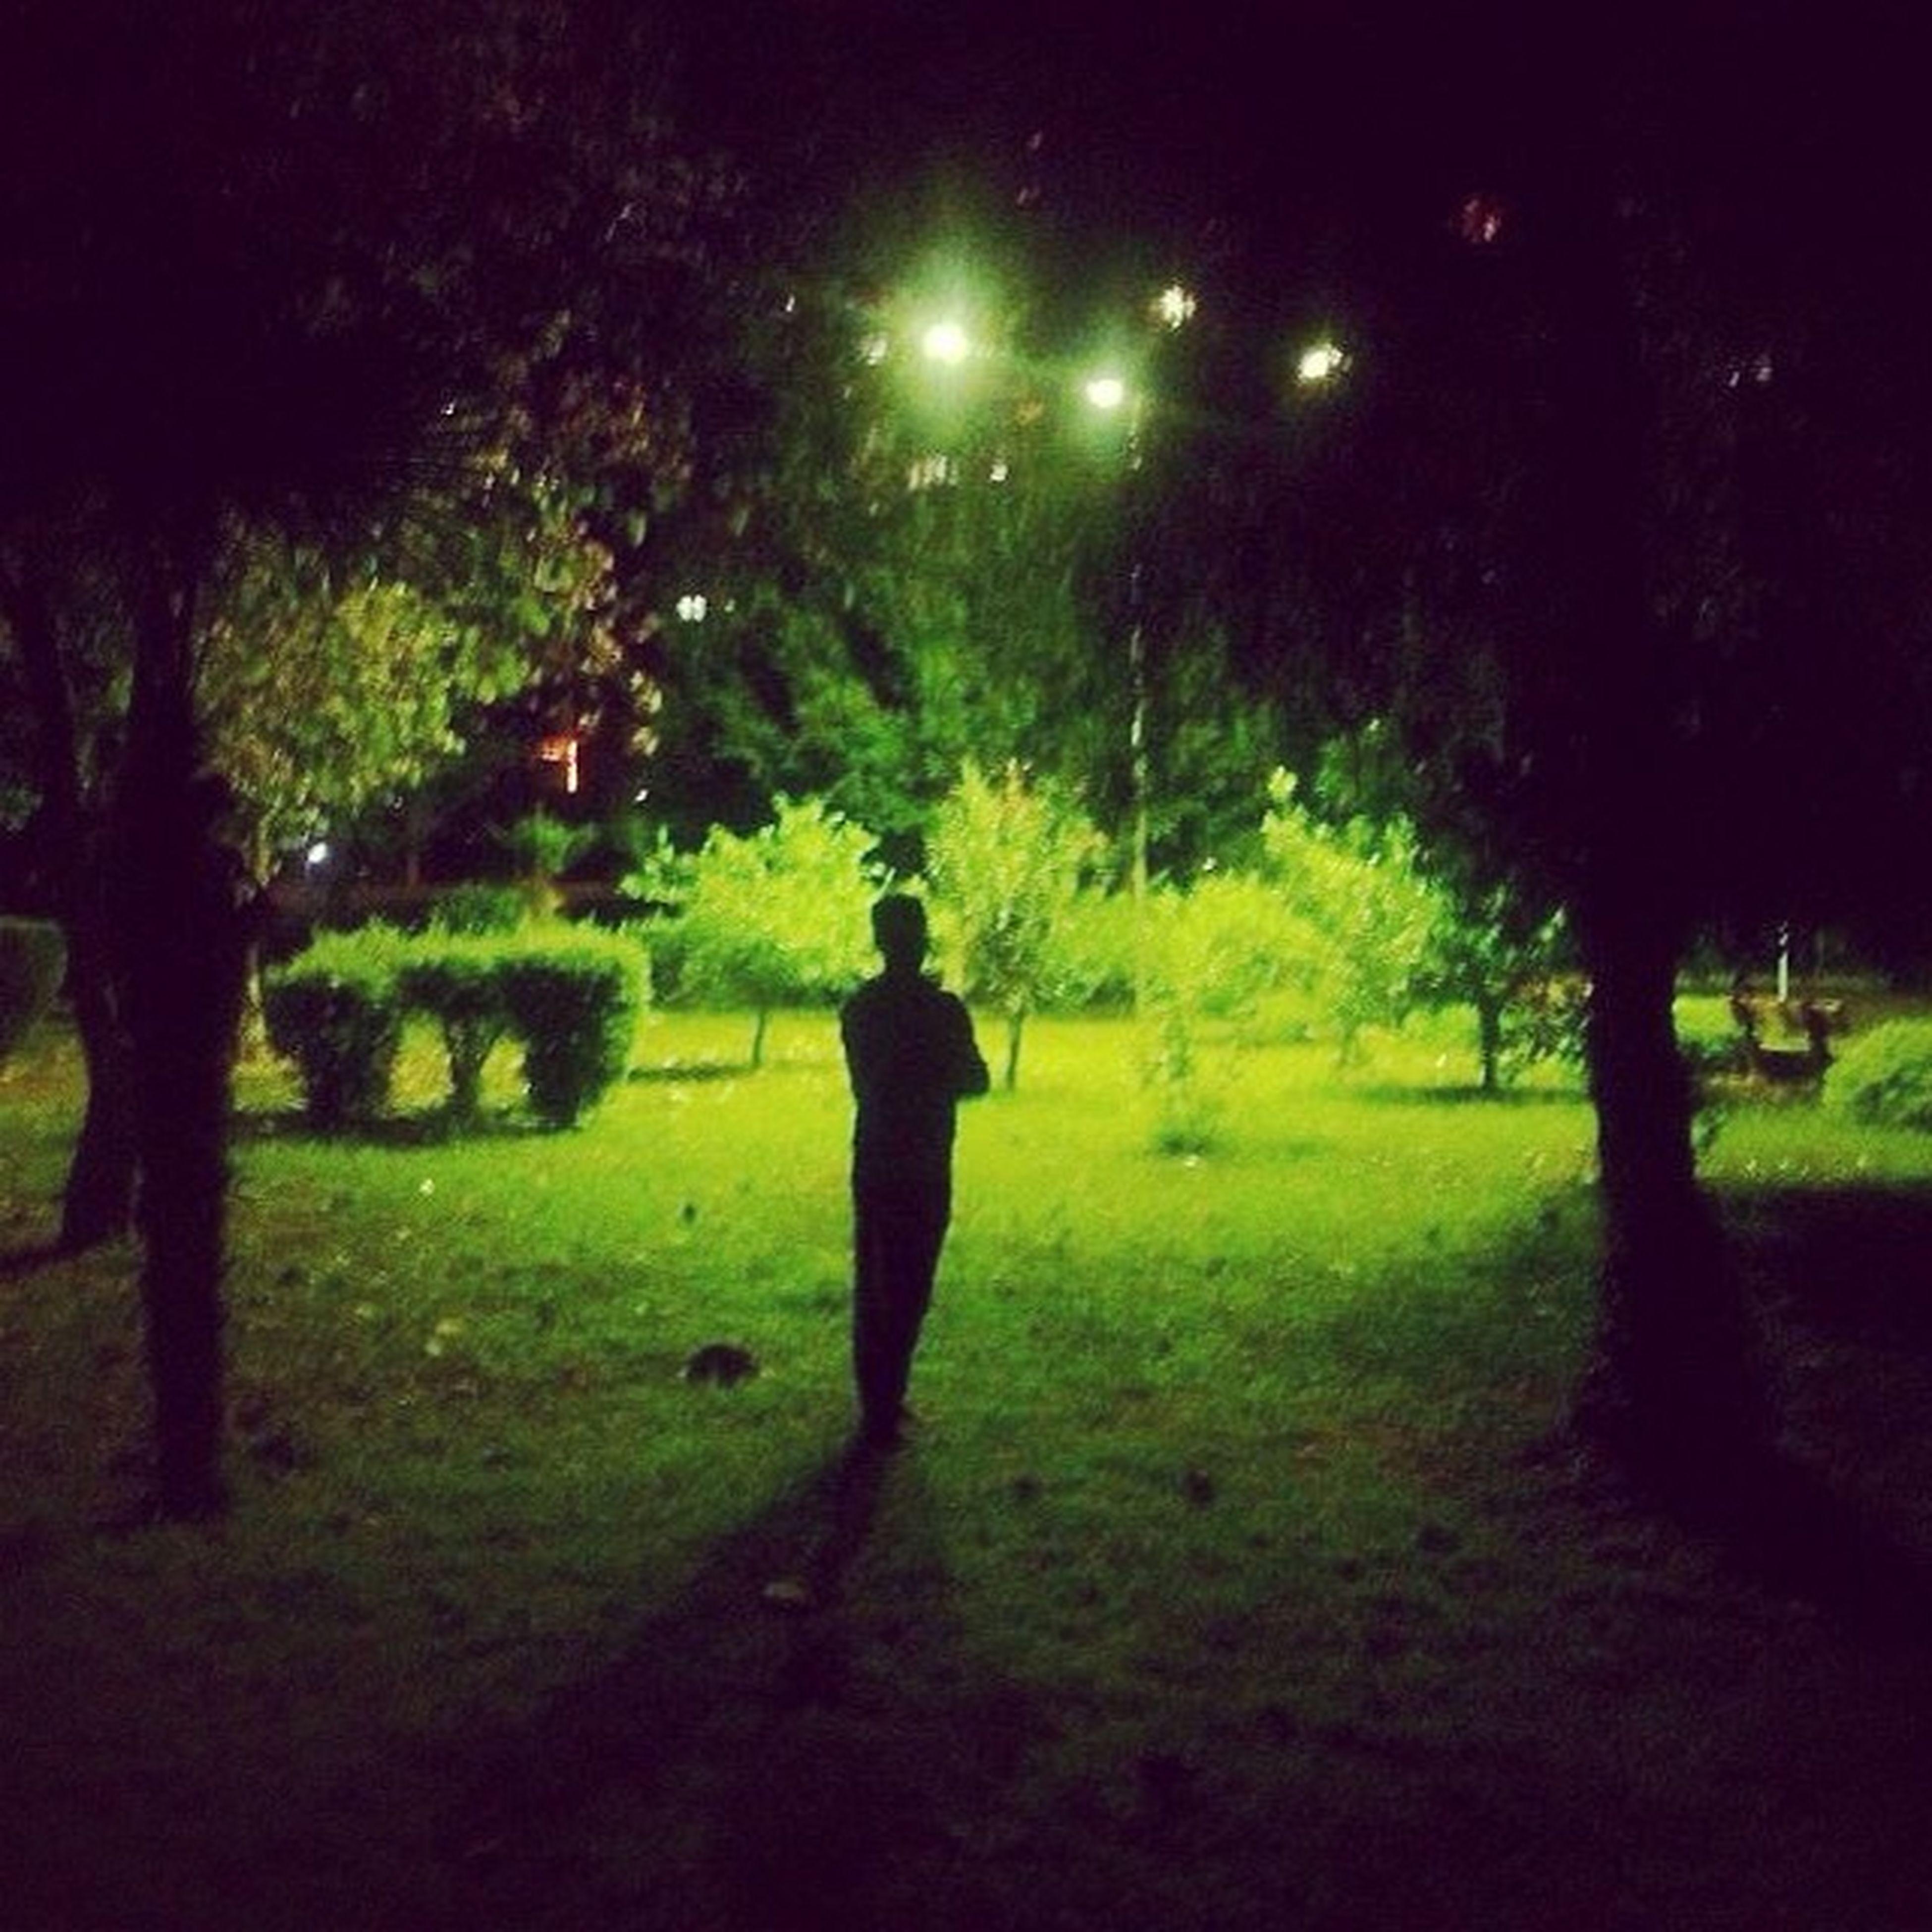 Night Amazing Natural